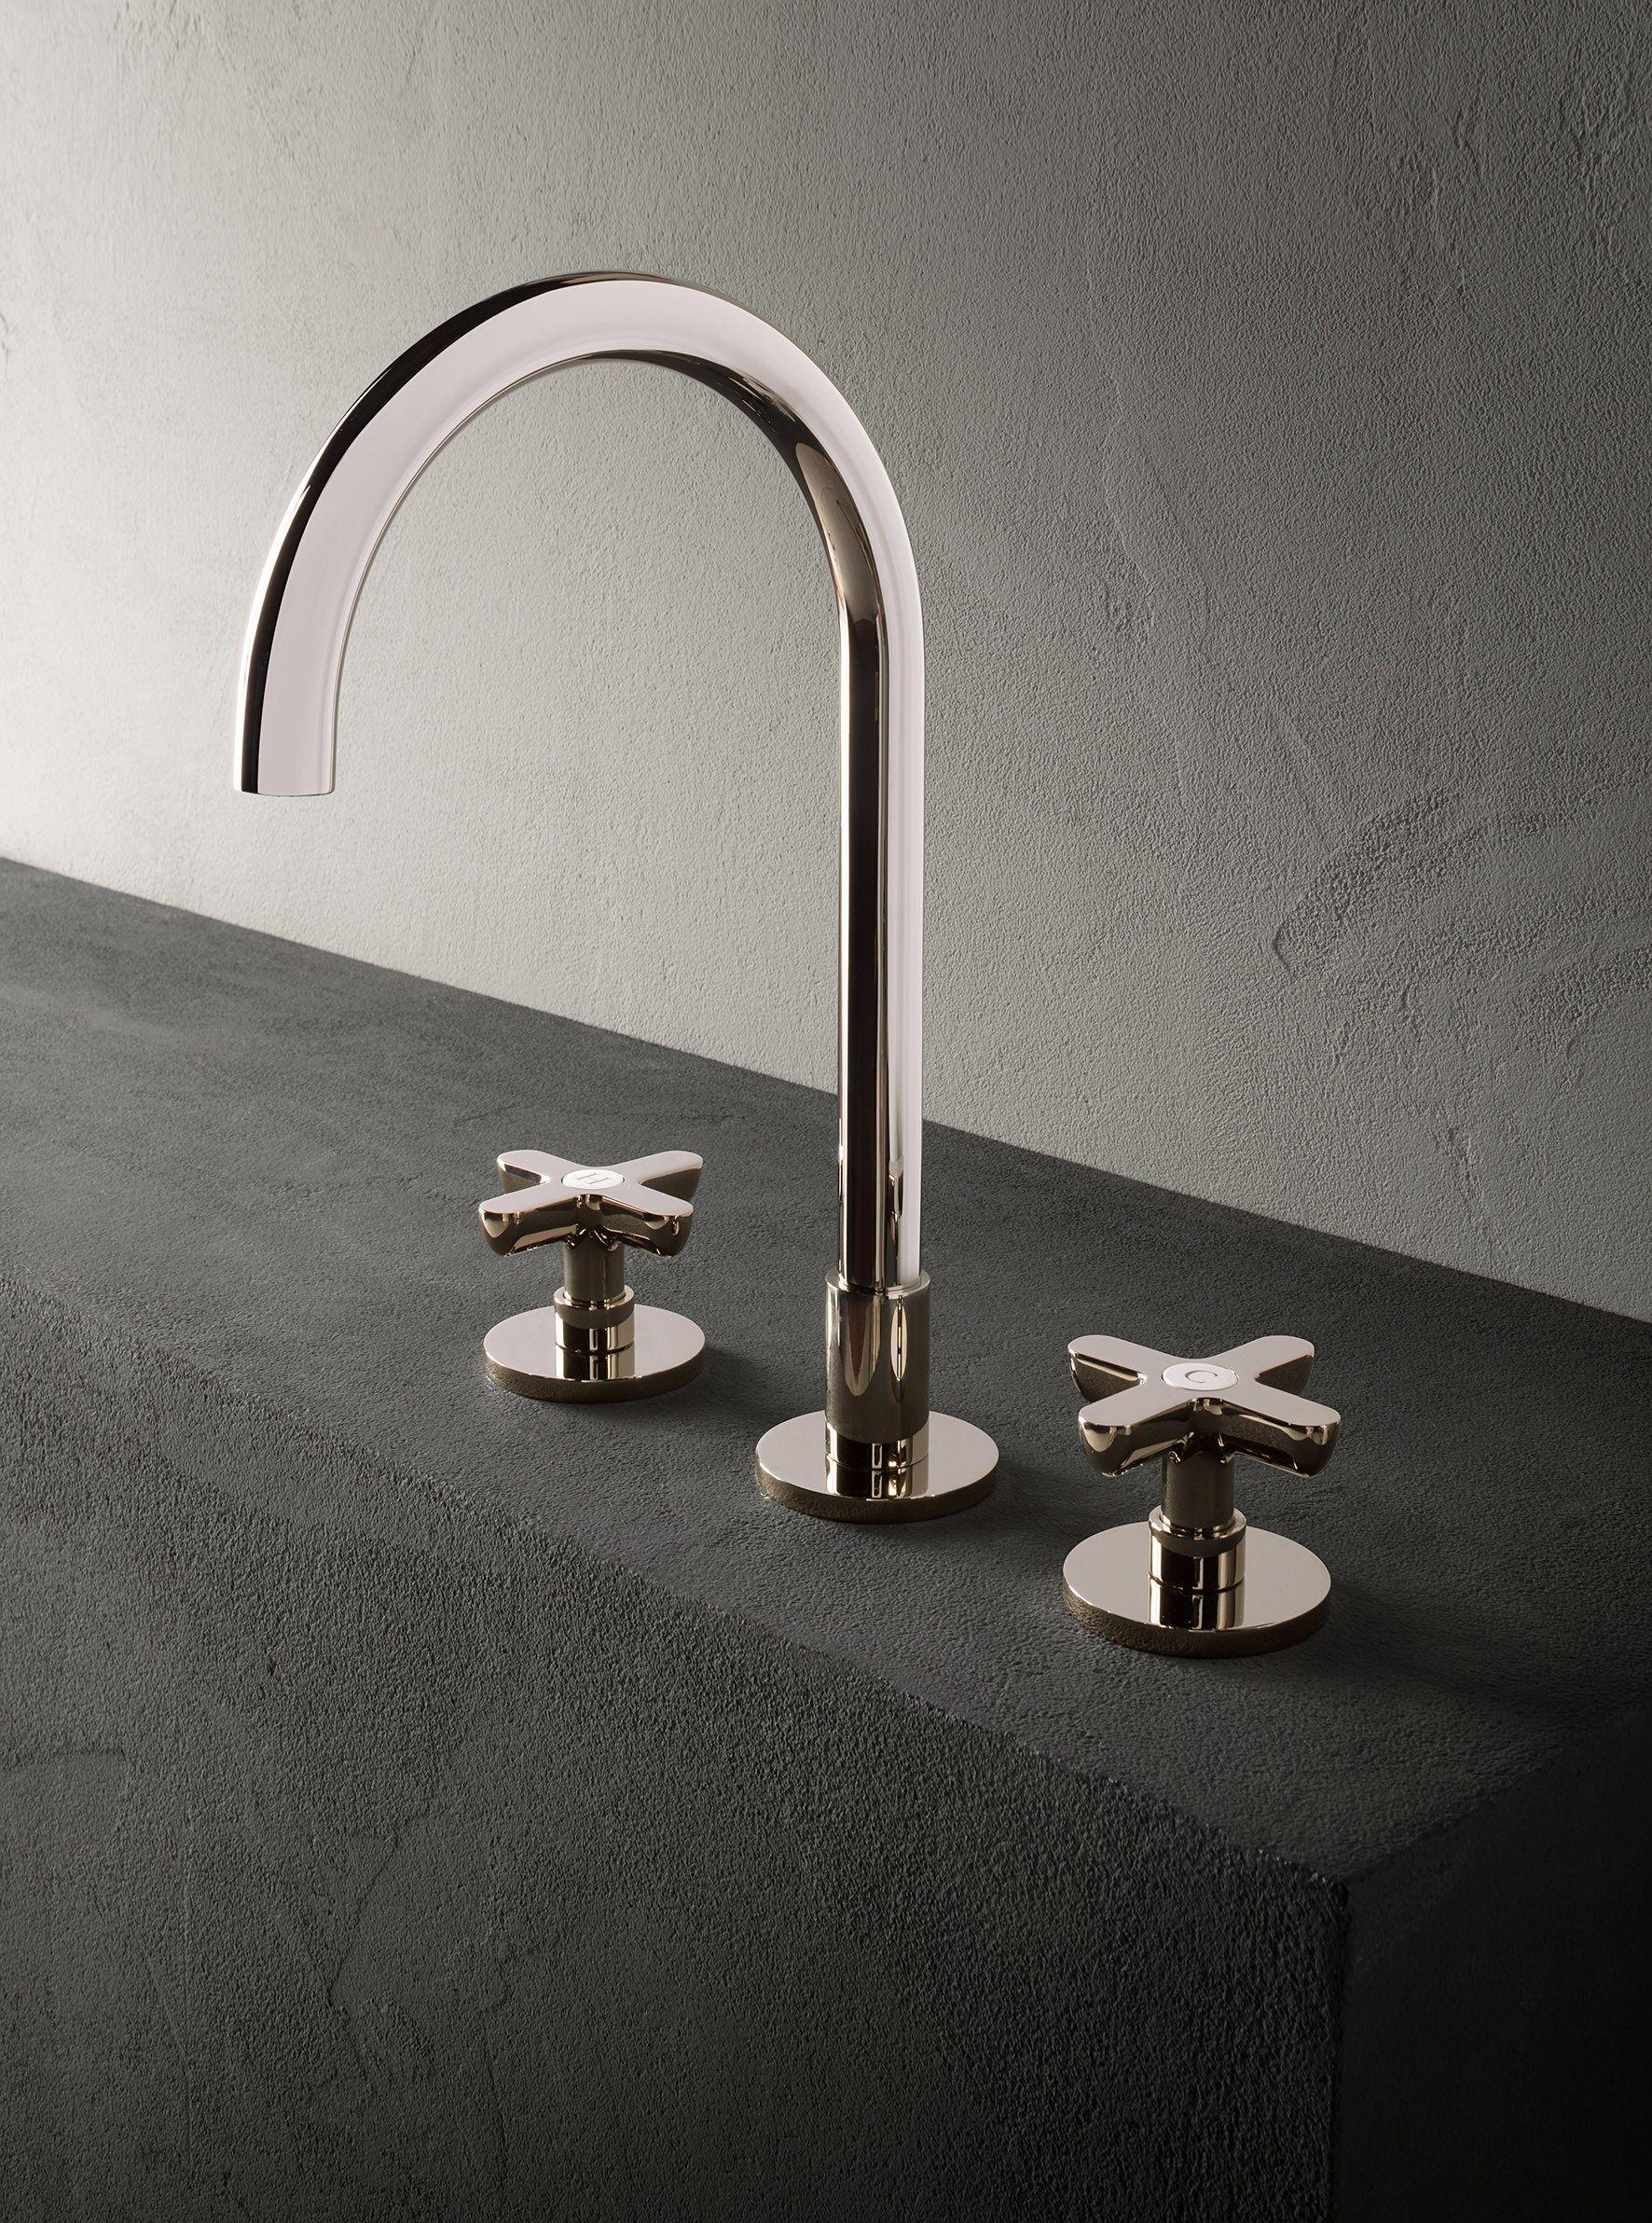 Classic icona rubinetto per lavabo collezione icona by for Rubinetti design